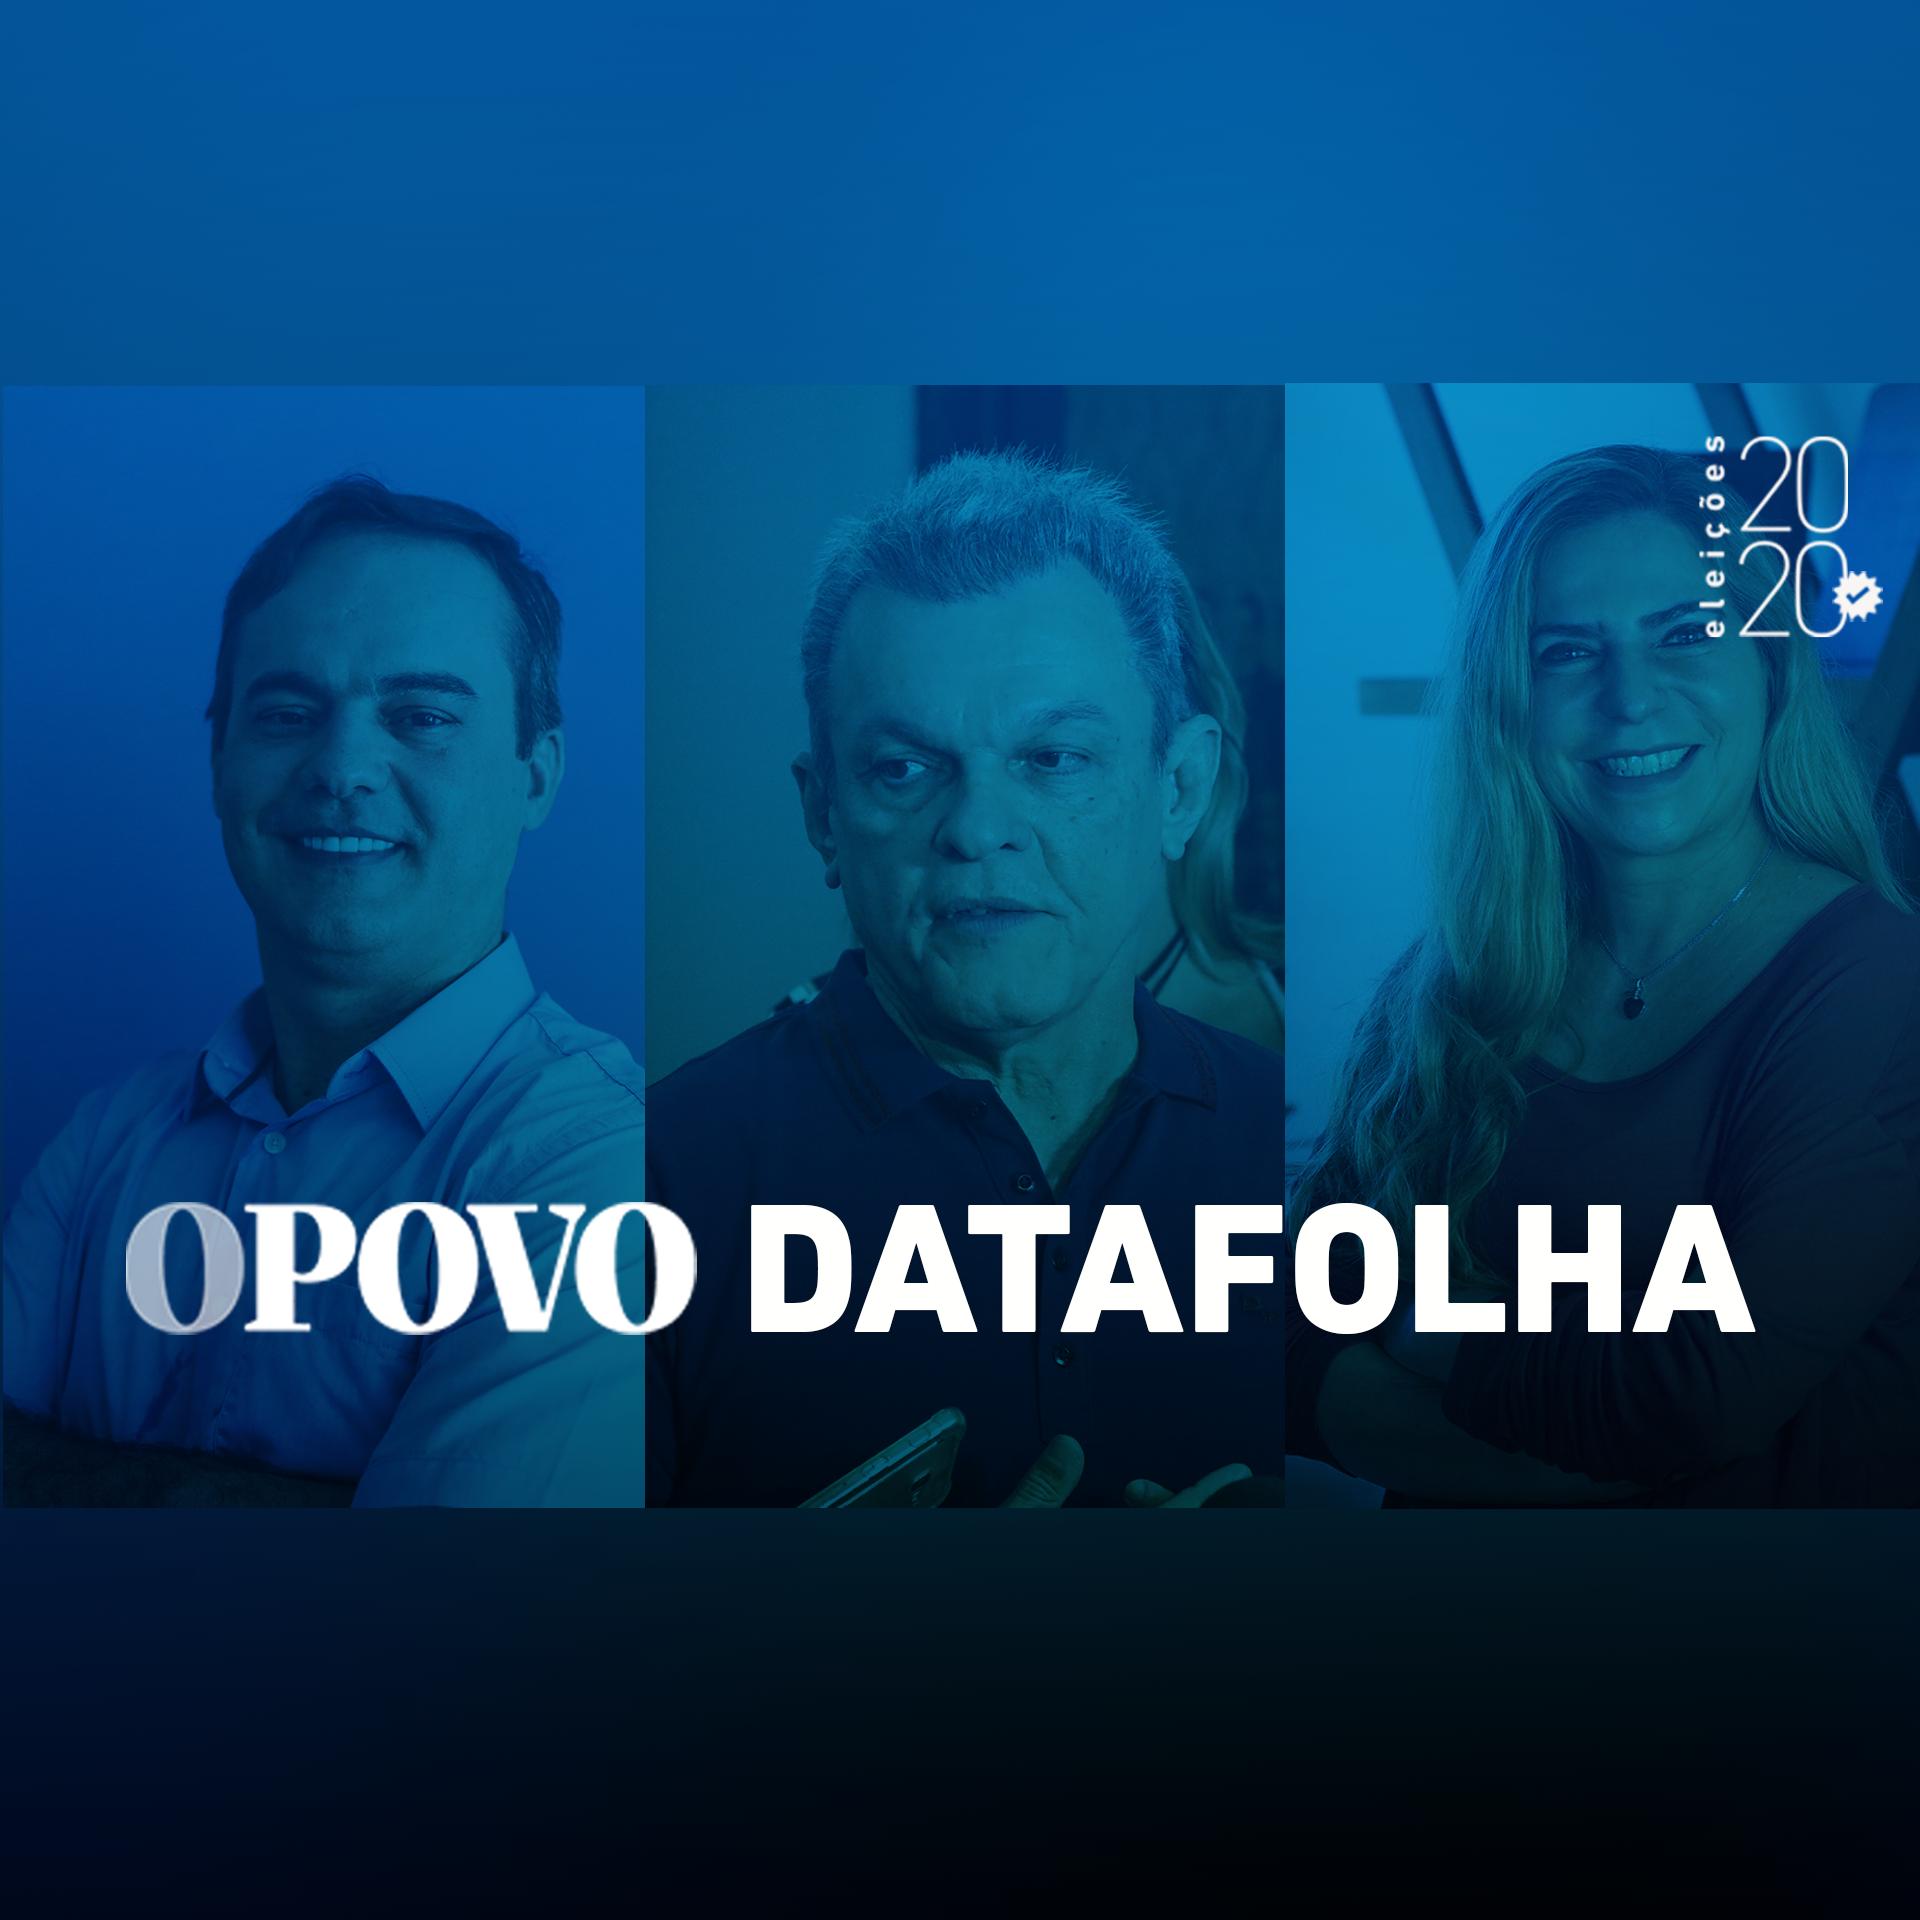 Pesquisa Datafolha para a Prefeitura de Fortaleza